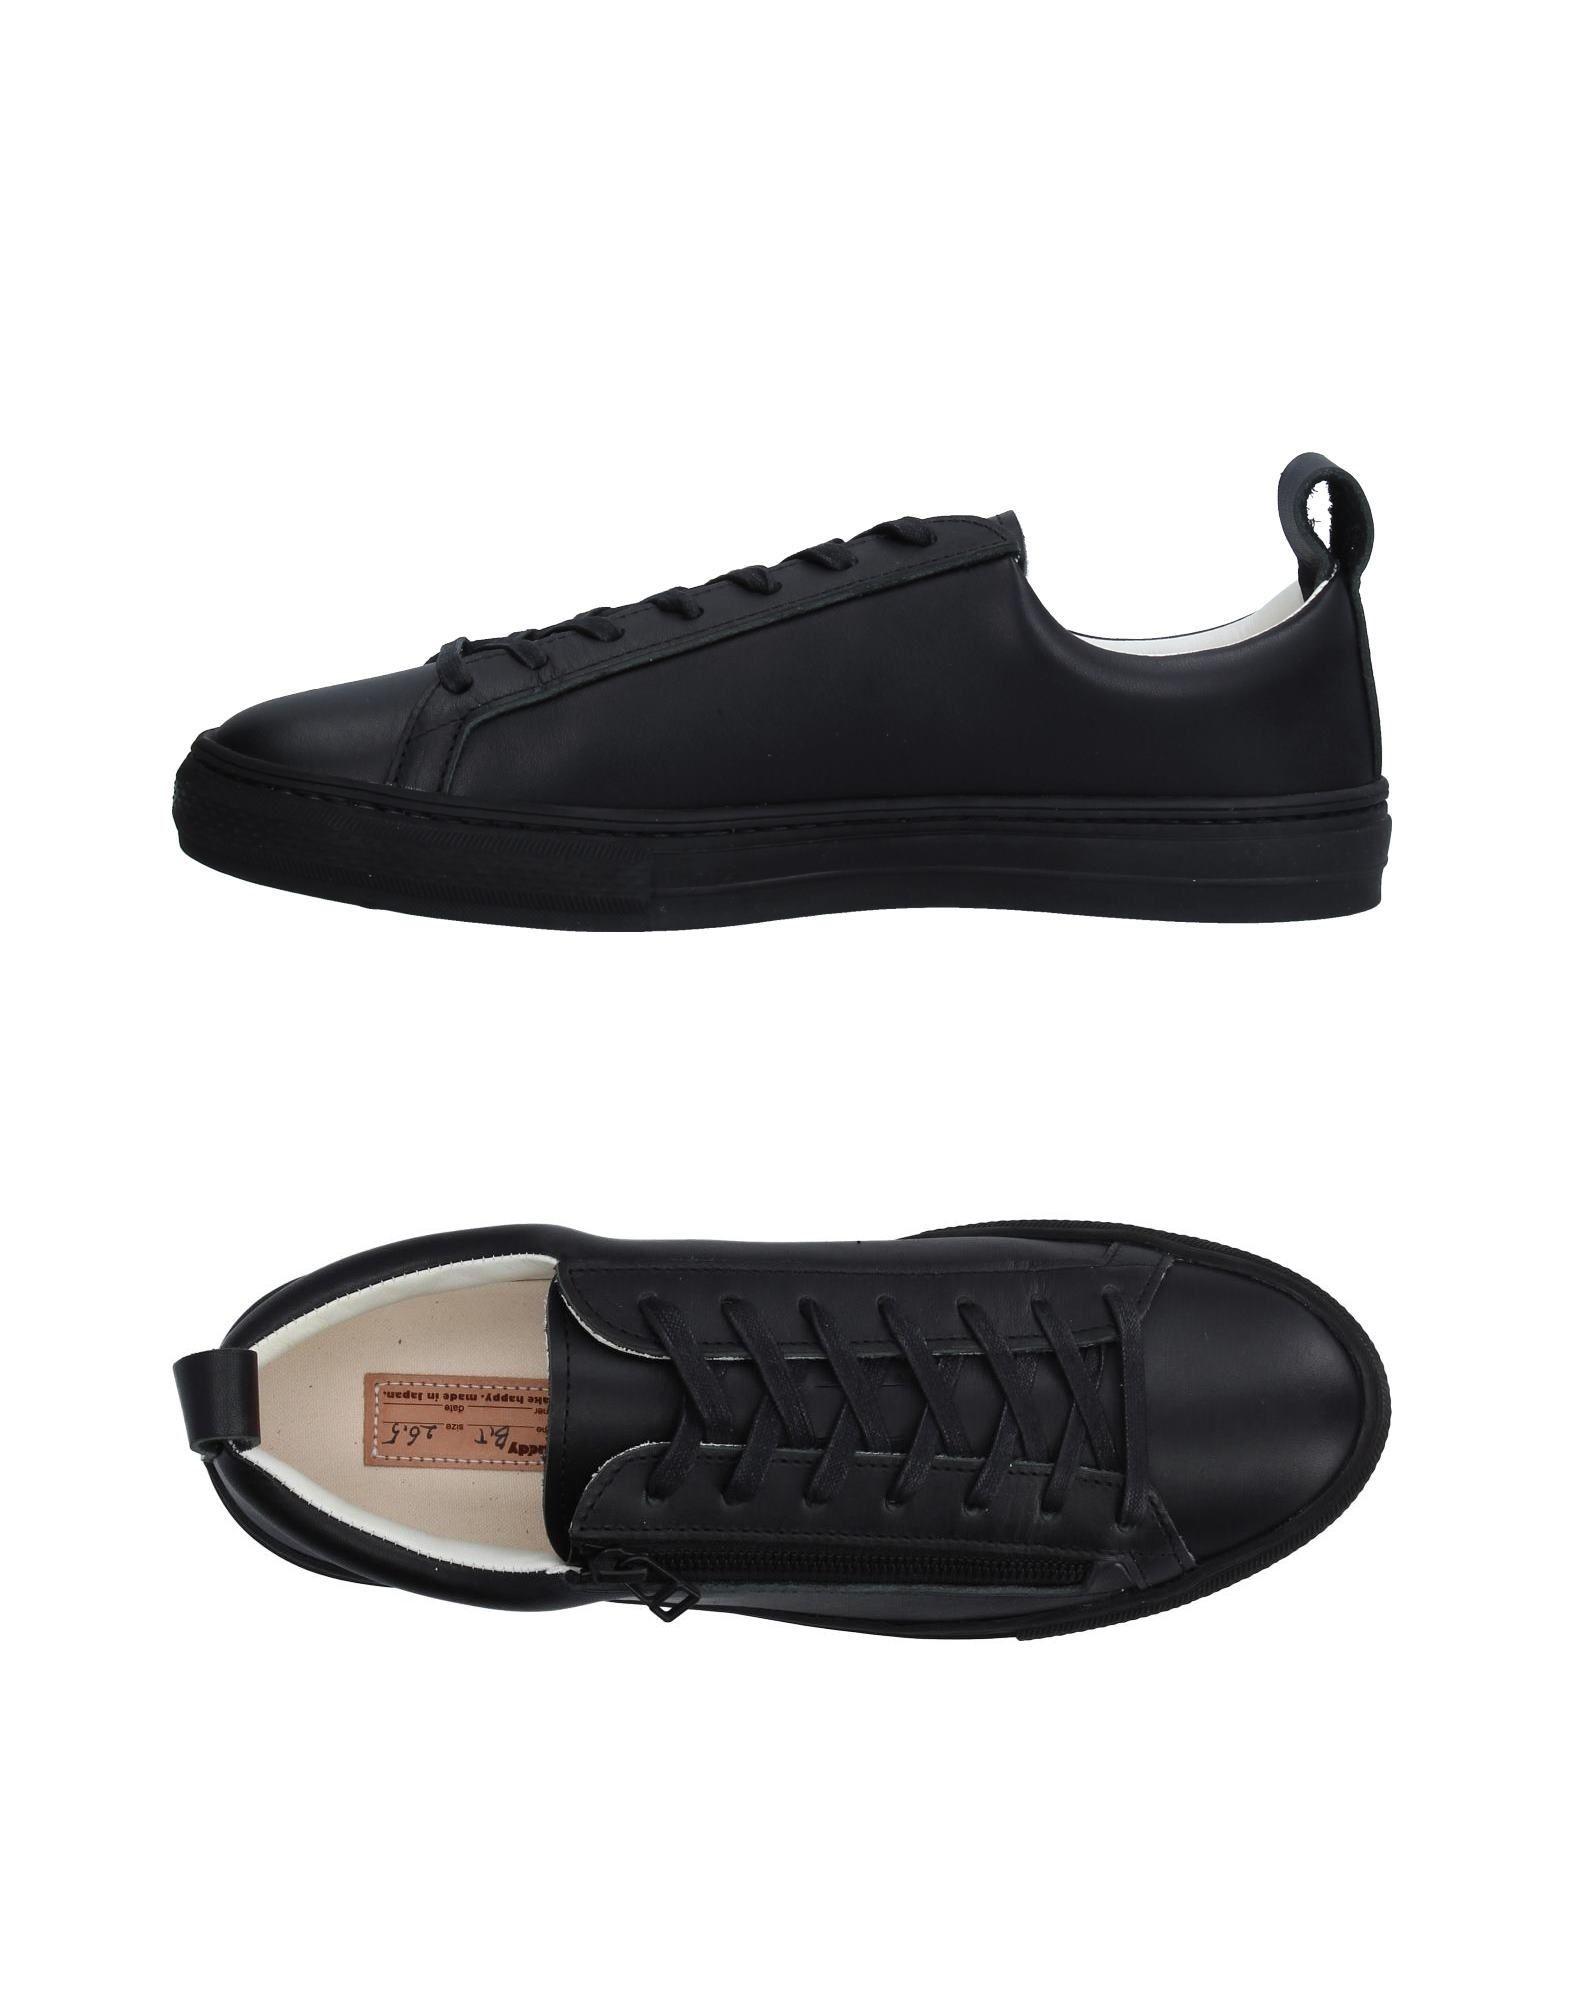 Buddy Sneakers Herren  11225866JN Gute Qualität beliebte Schuhe